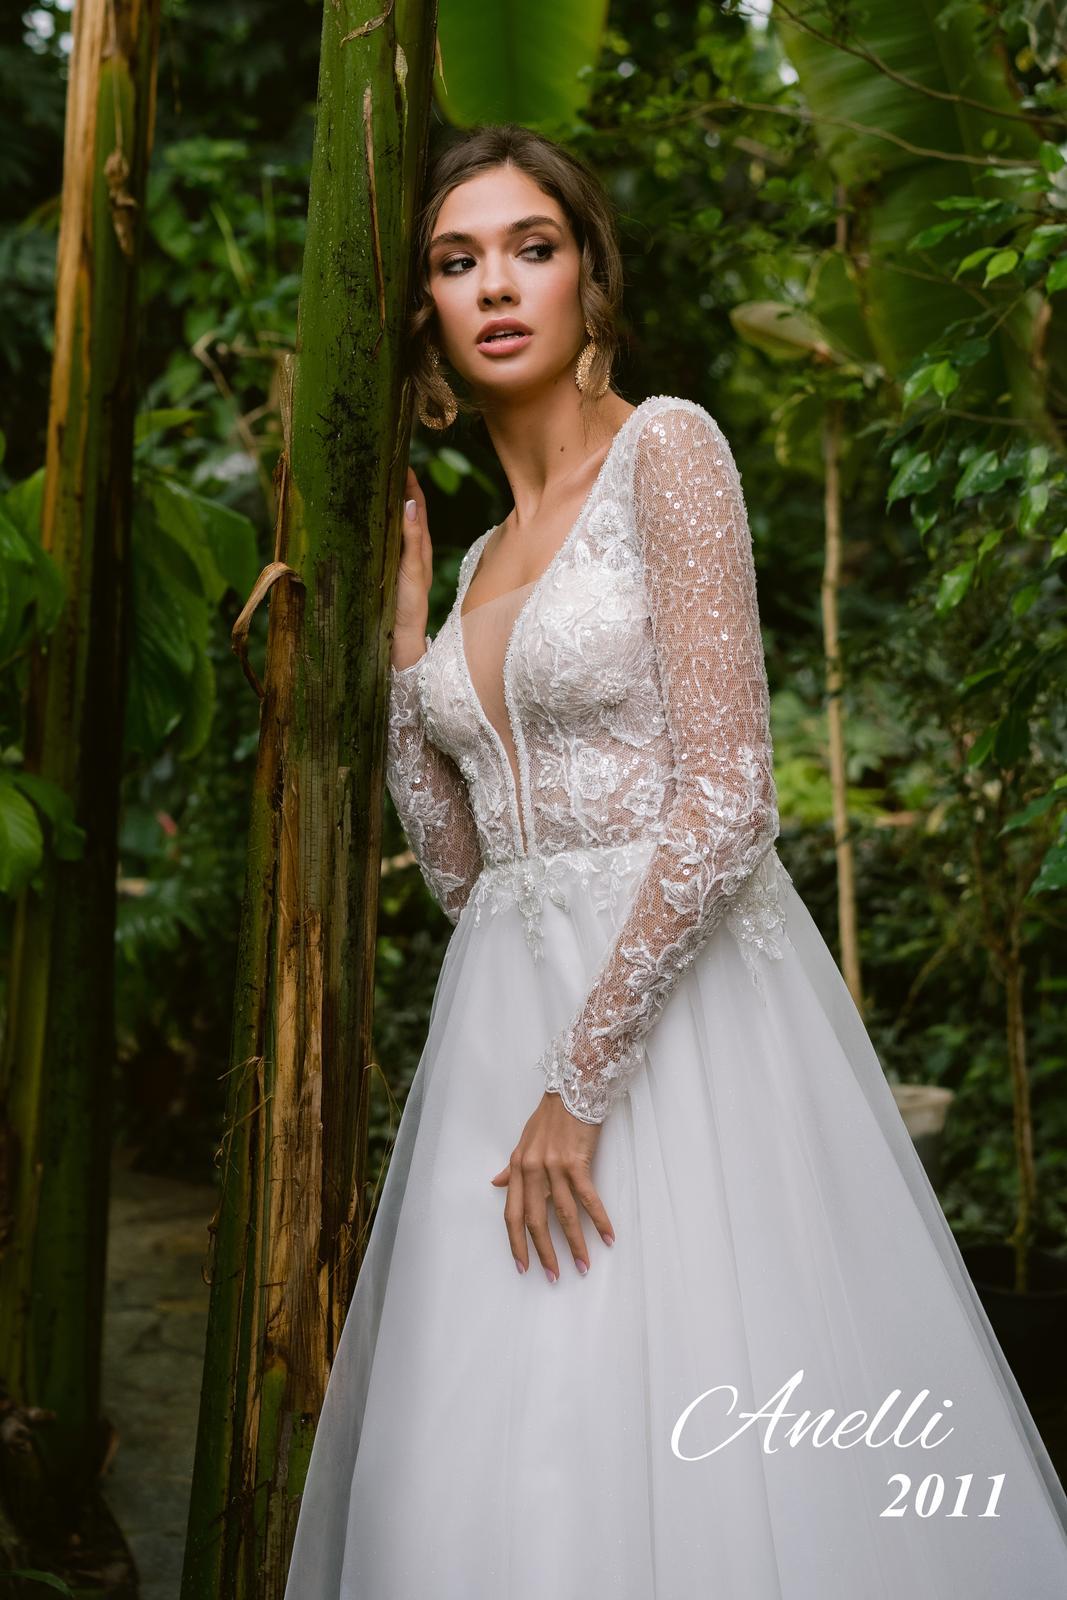 Svadobné šaty - Breeze 2011 - Obrázok č. 1